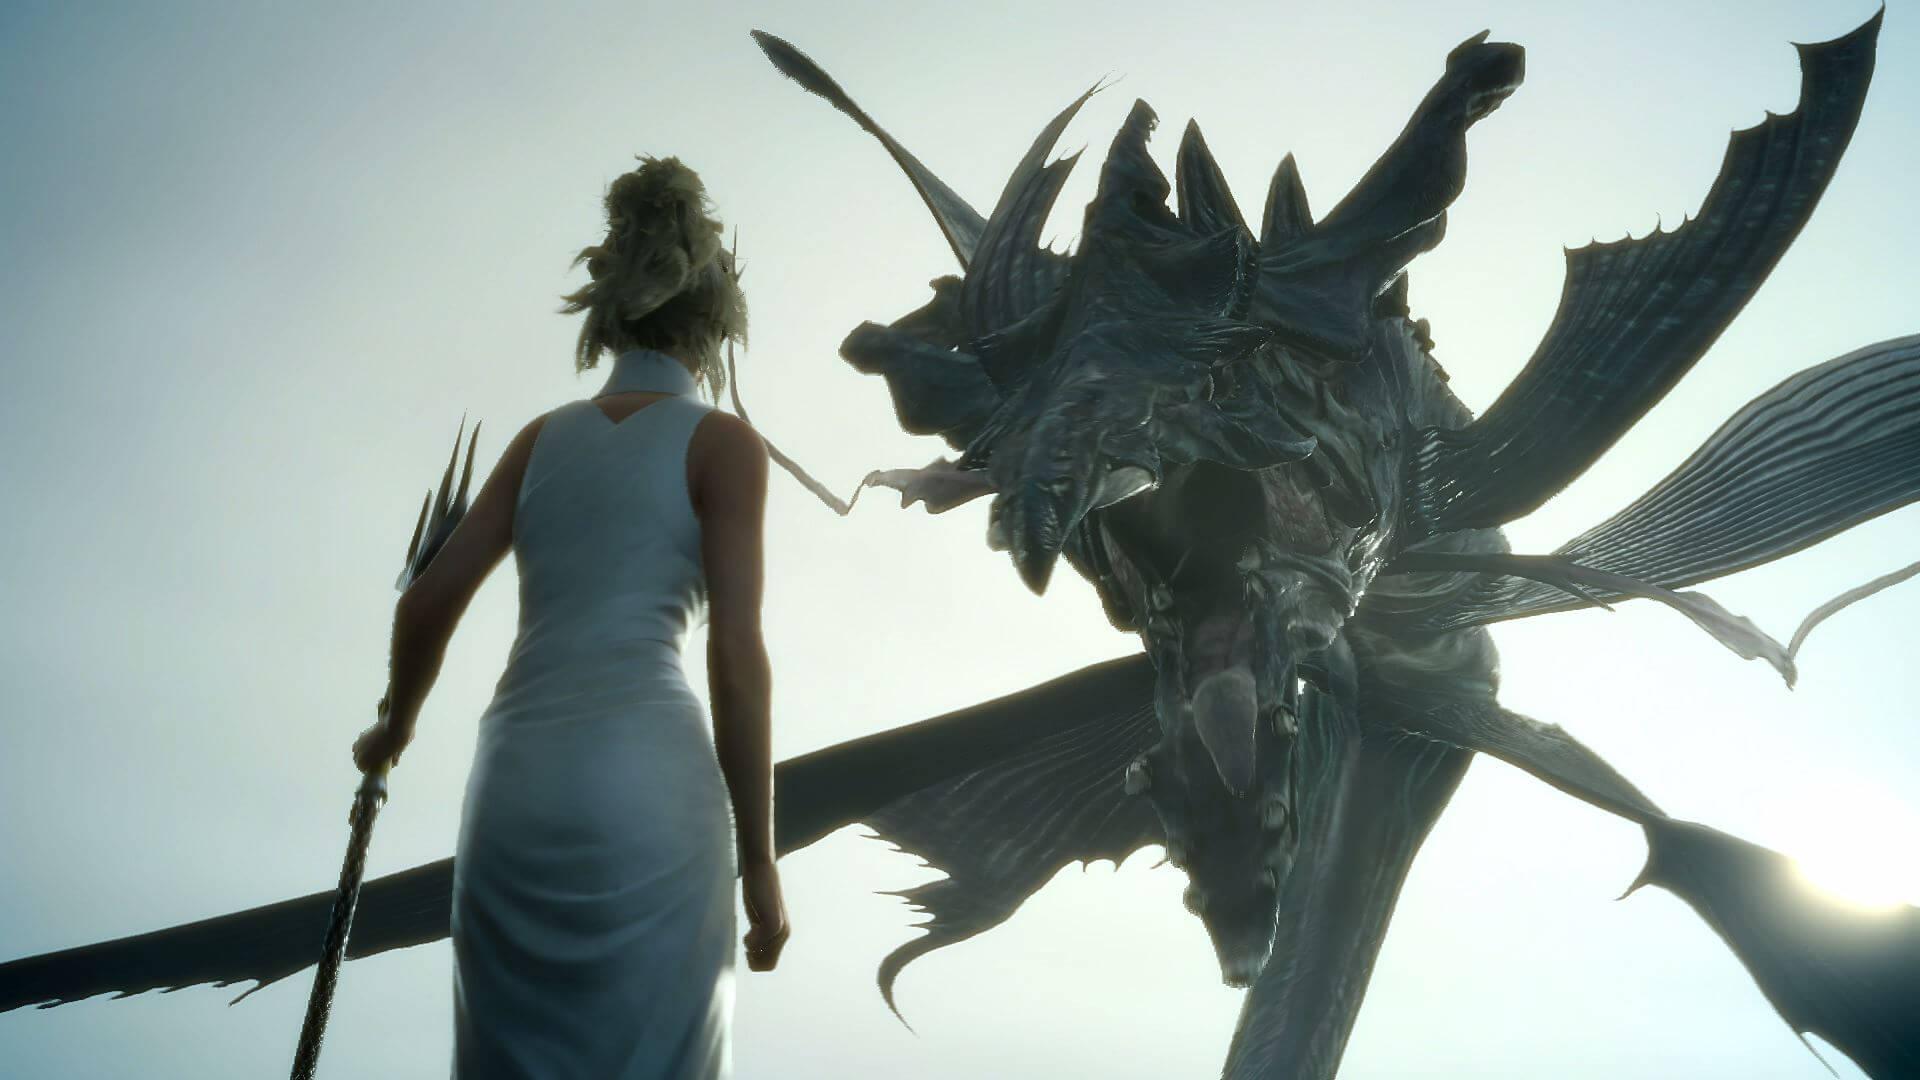 Final fantasy 15 demo ending a marriage